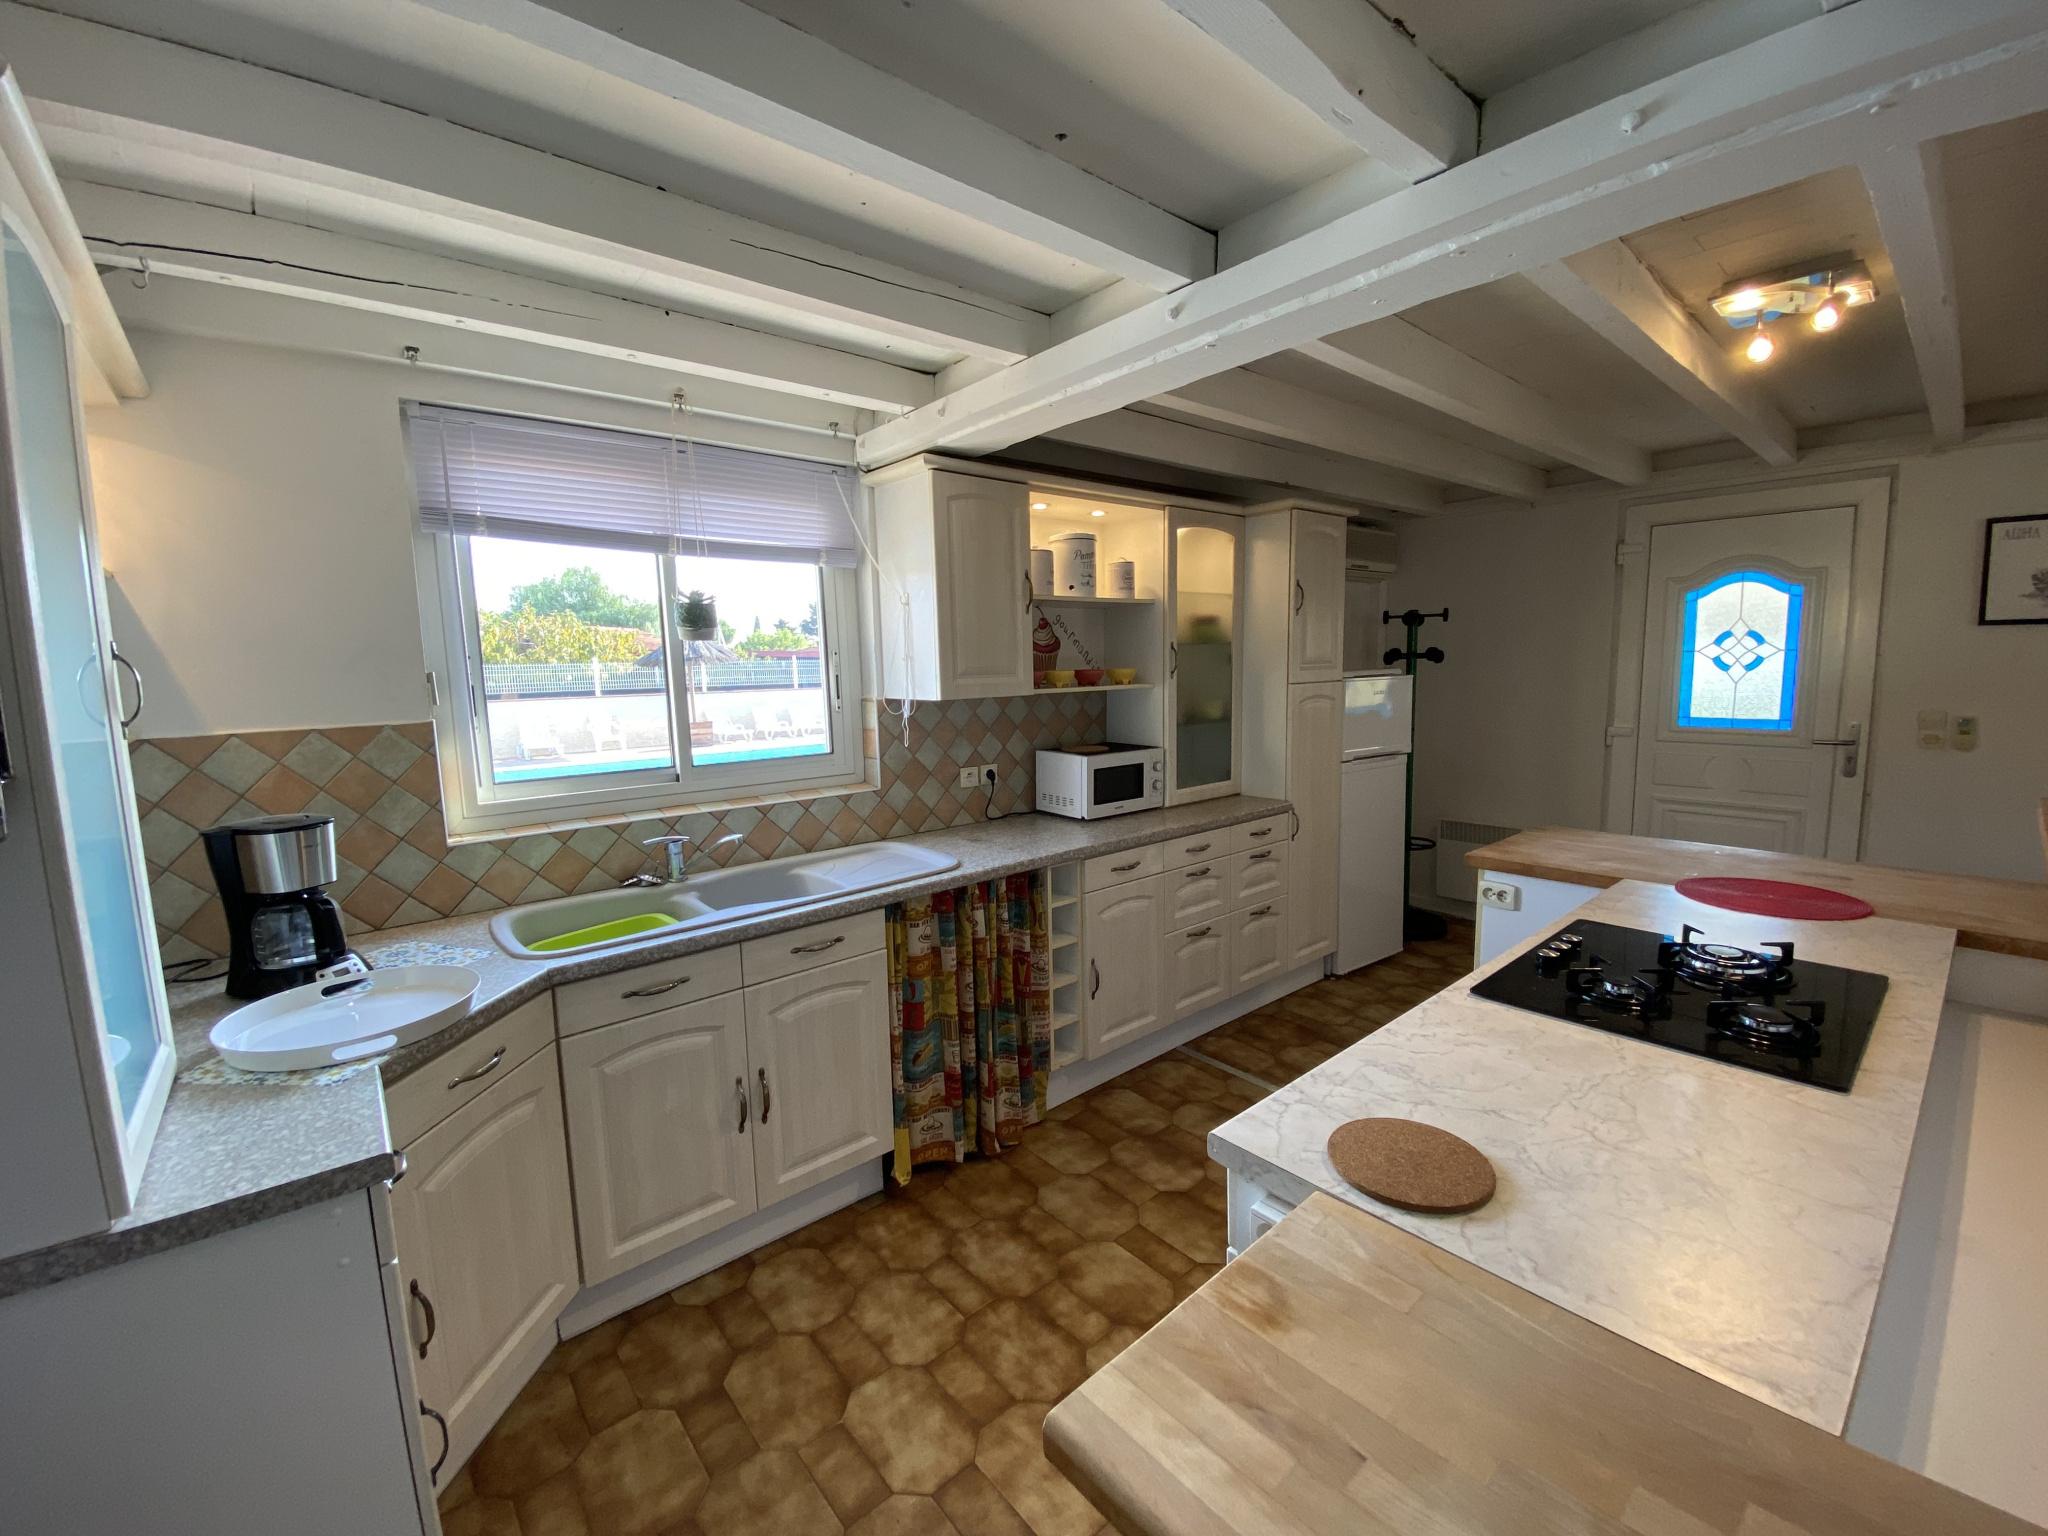 À vendre appartement de 71m2 à argeles sur mer (66700) - Photo 3'